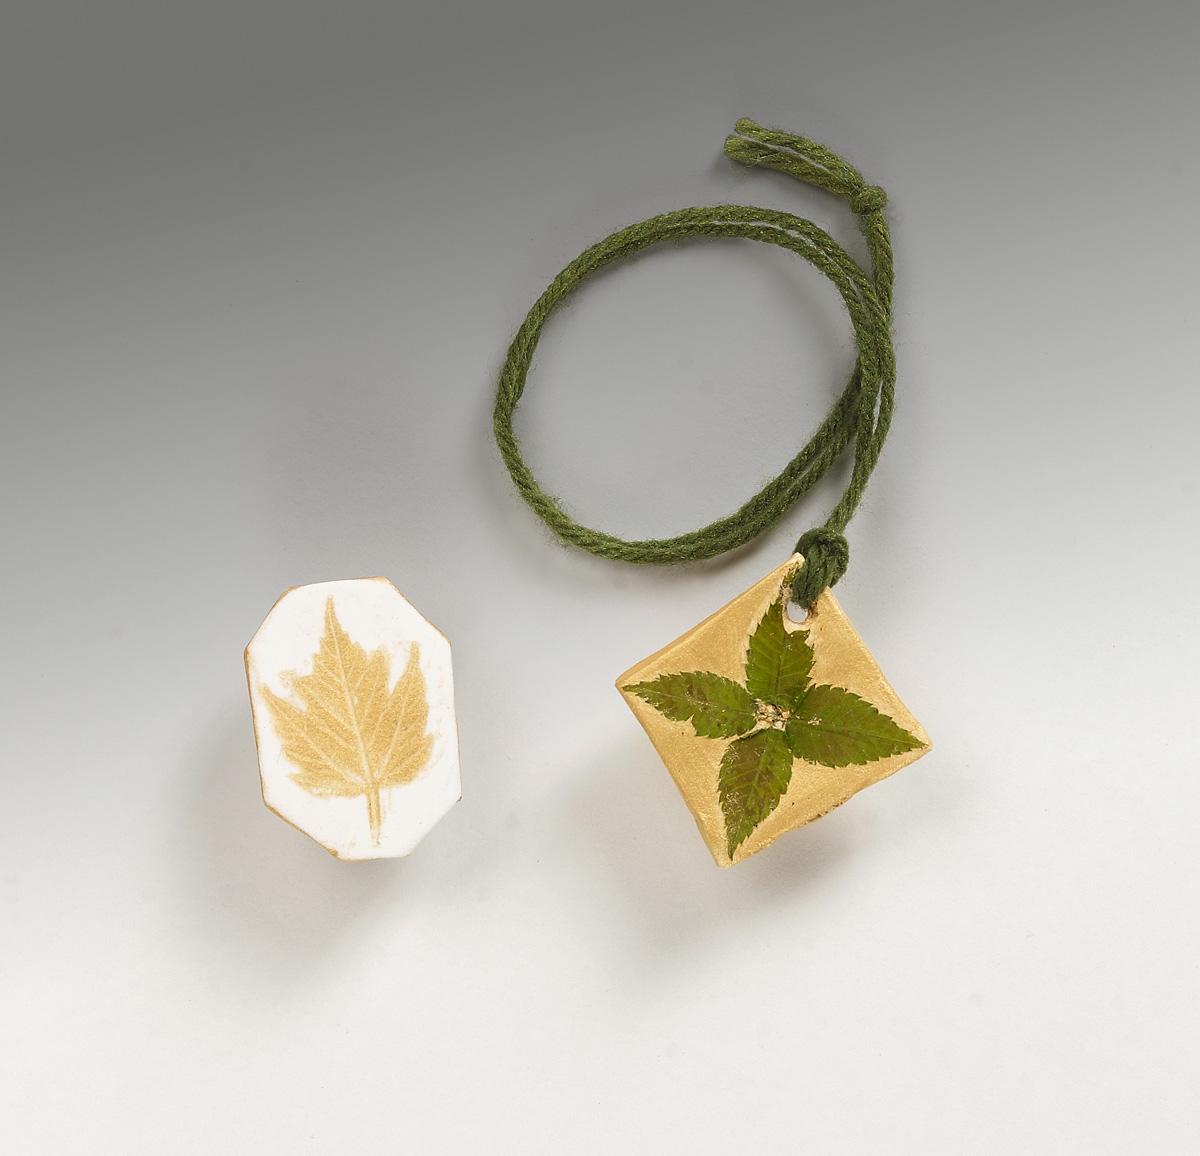 Leafy Gold Jewelry | crayola.co.uk